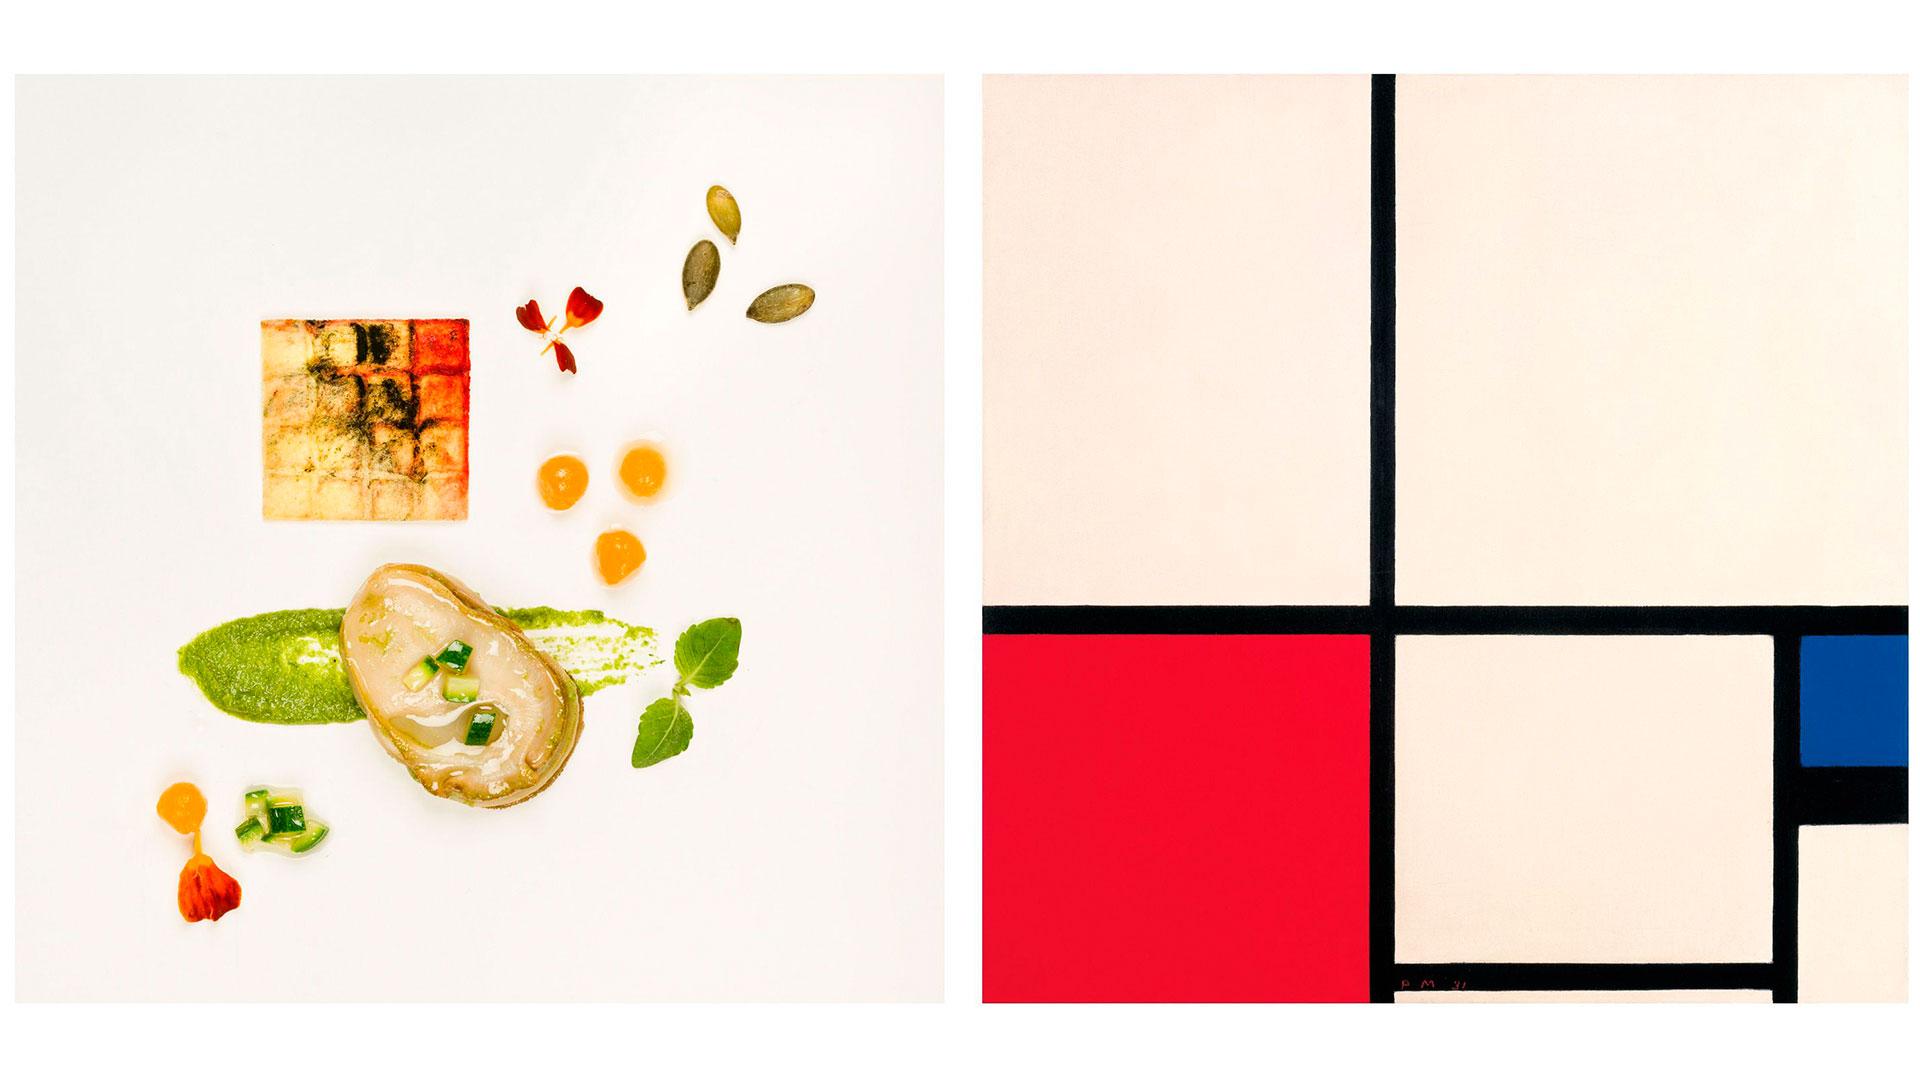 Imágenes del libro de recetas 'El Thyssen en el plato'